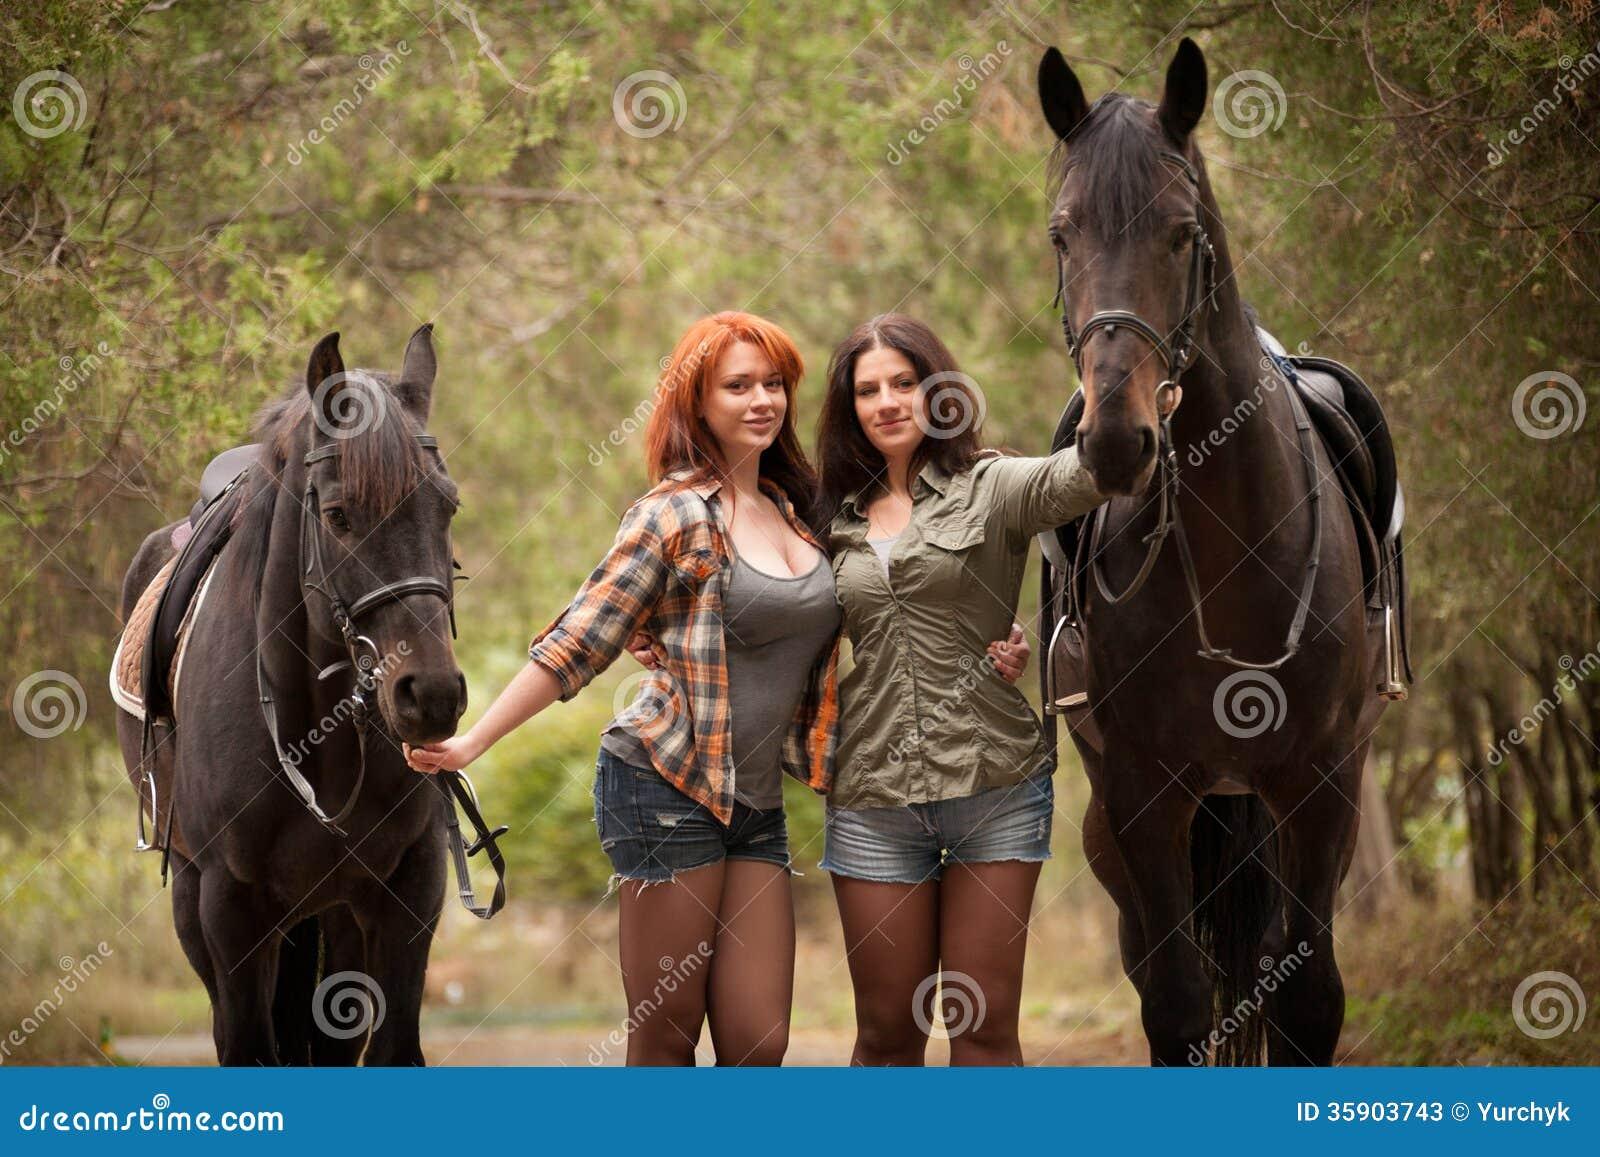 you porno con cavalli